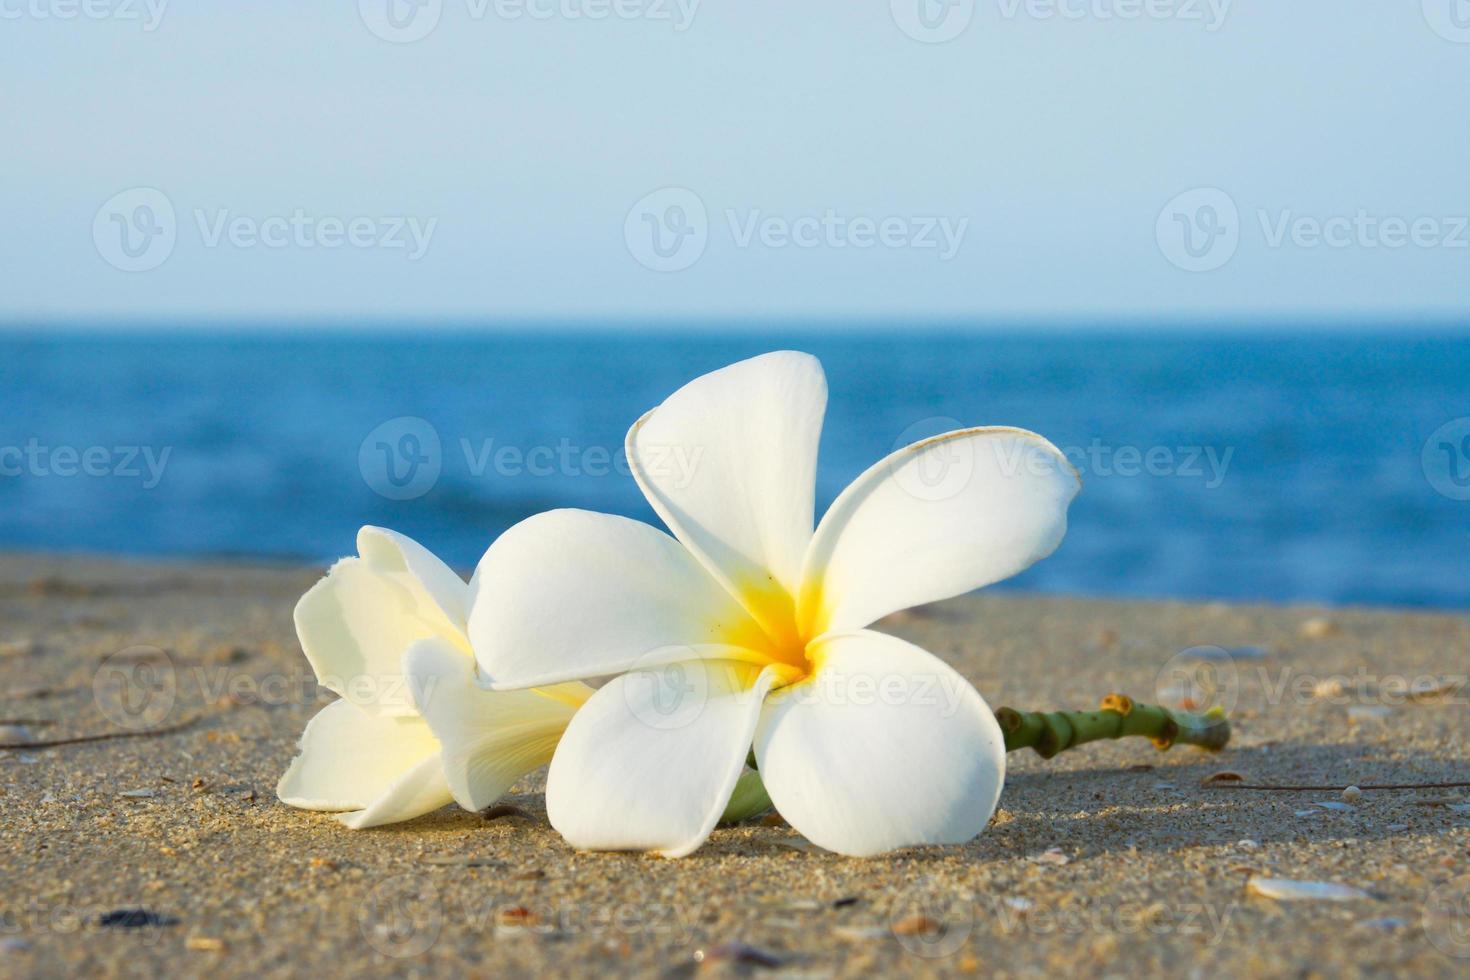 due fiori di plumeria sulla sabbia sulla spiaggia foto